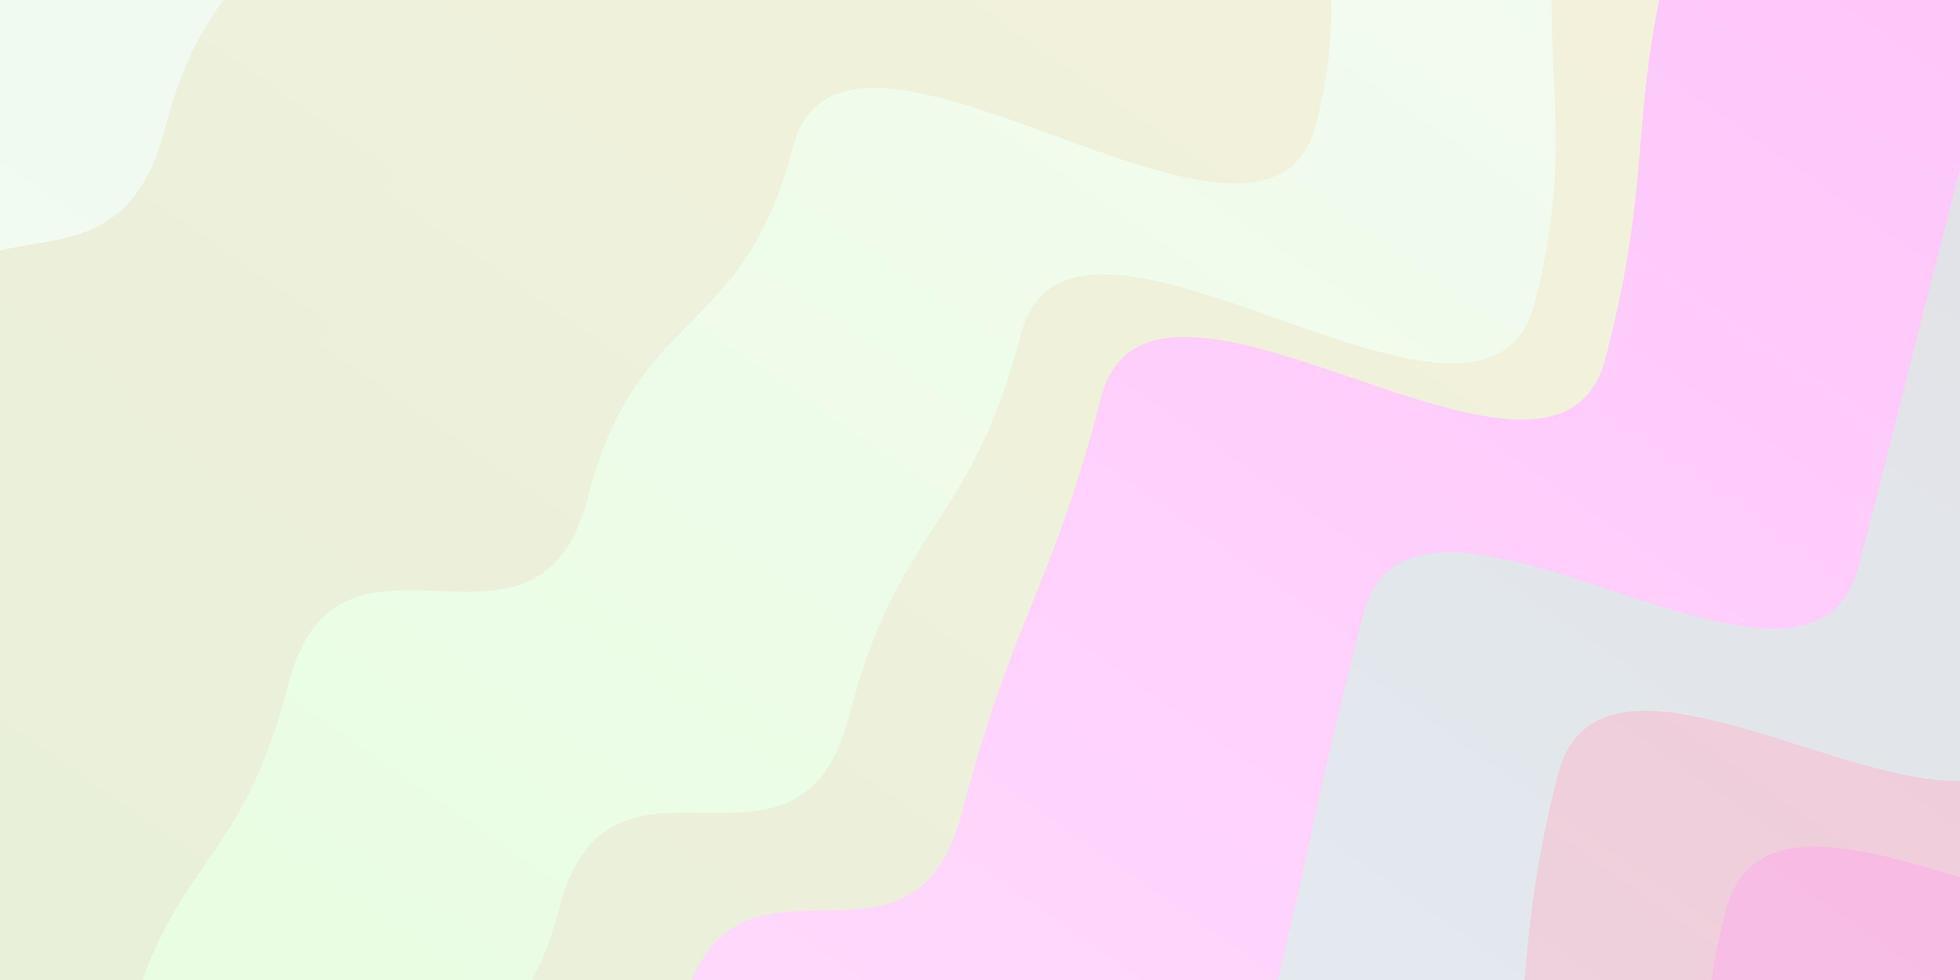 toile de fond de vecteur rose clair, jaune avec arc circulaire.